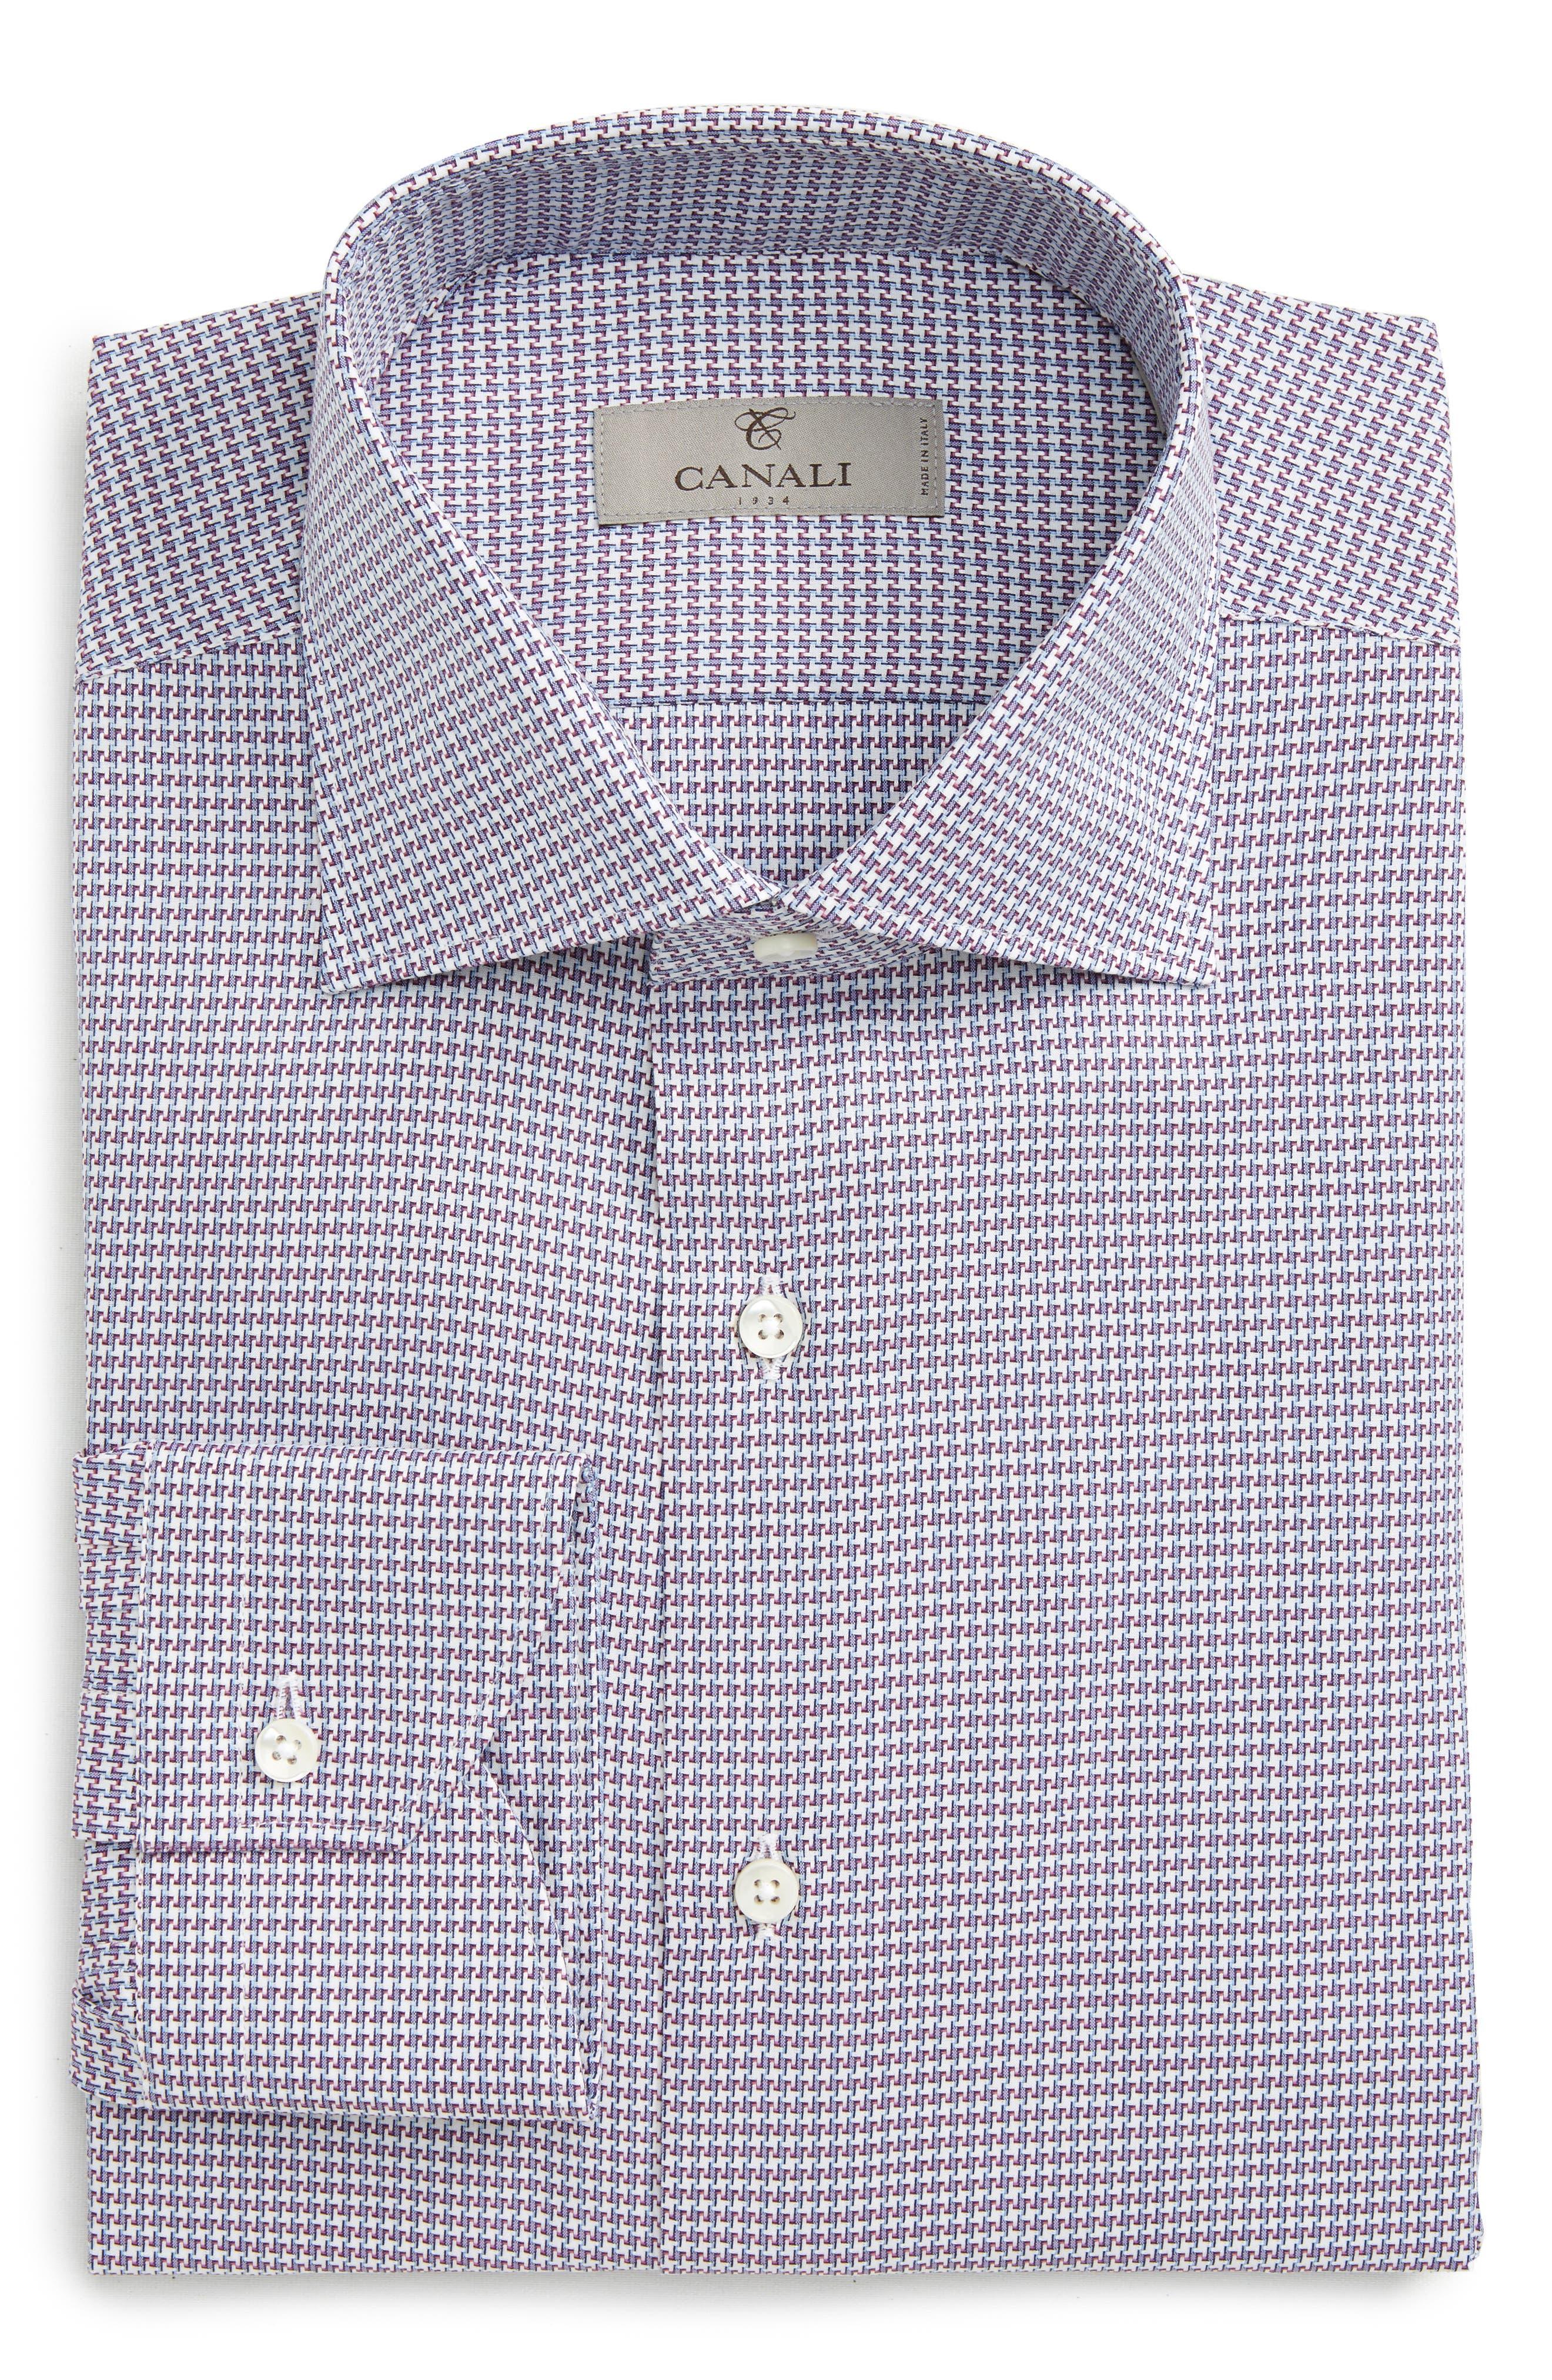 Canali Regular Fit Houndstooth Dress Shirt